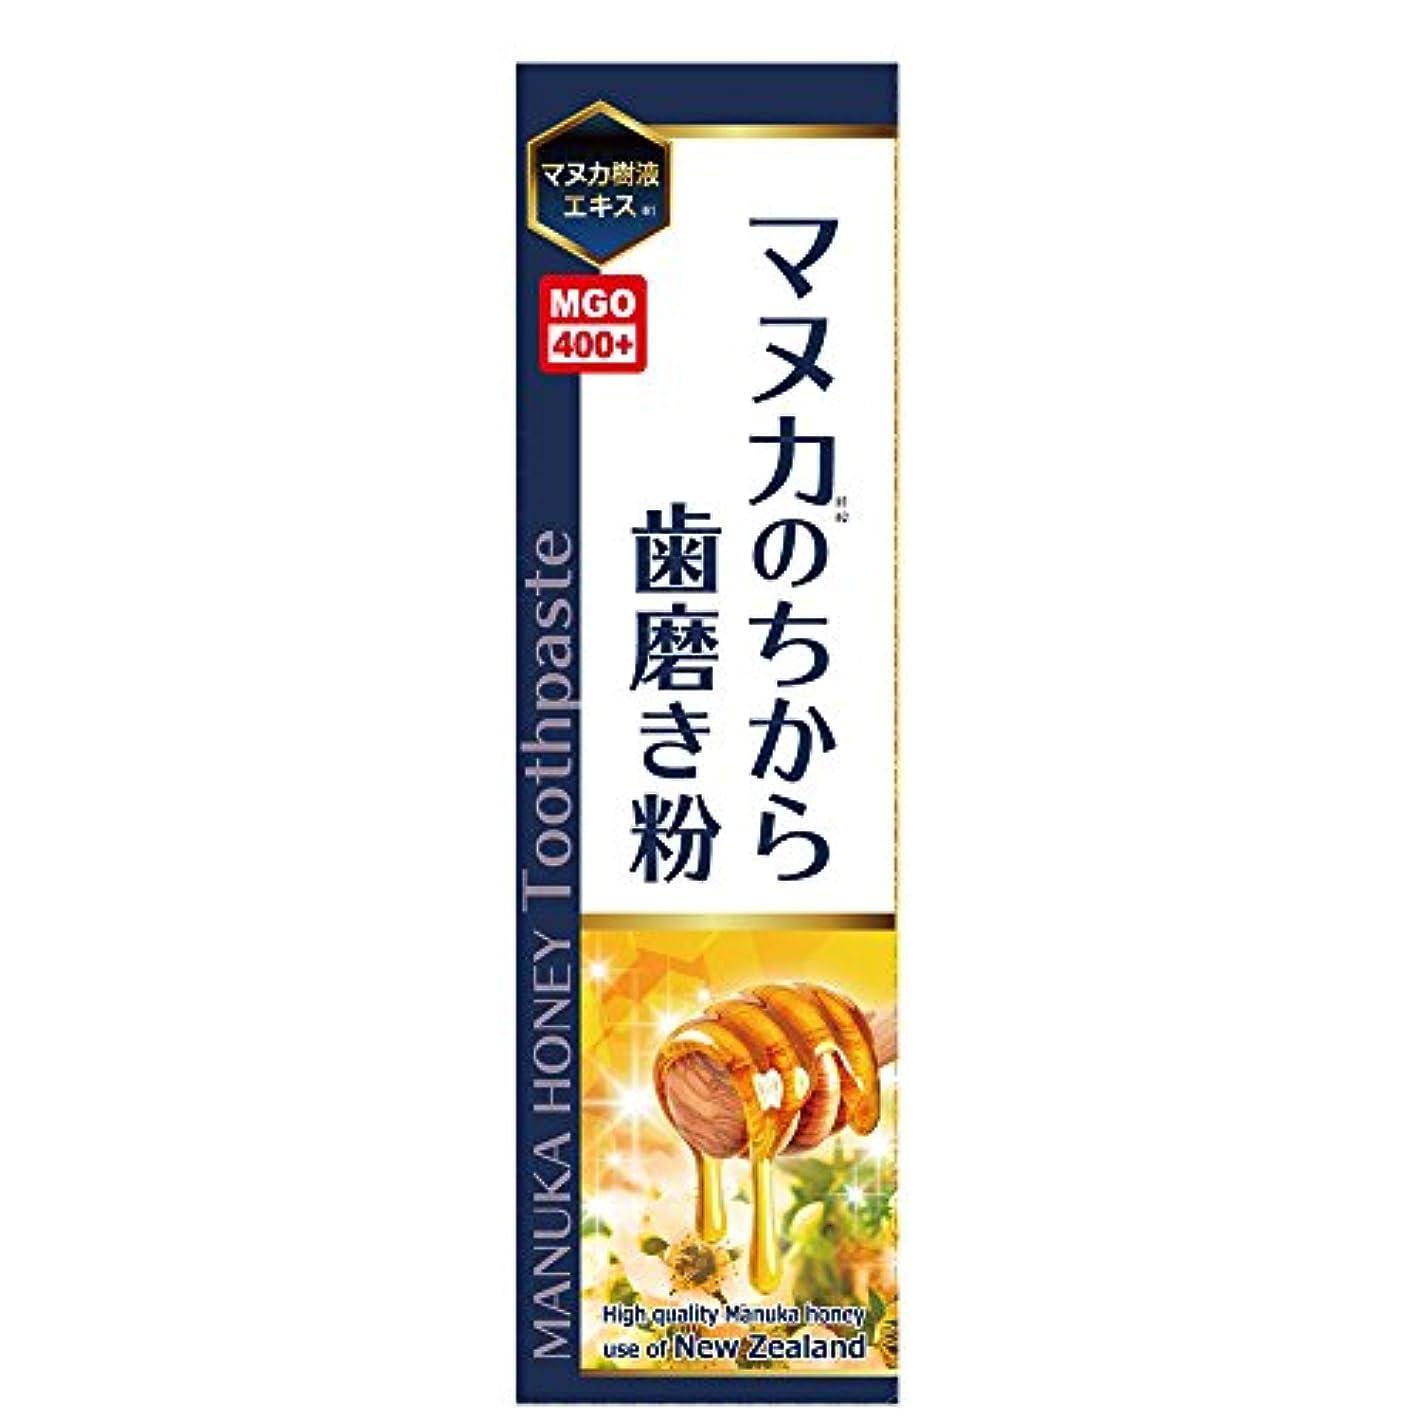 レガシー強度推論マヌカのちから歯磨き粉 ハチミツレモン味 100g